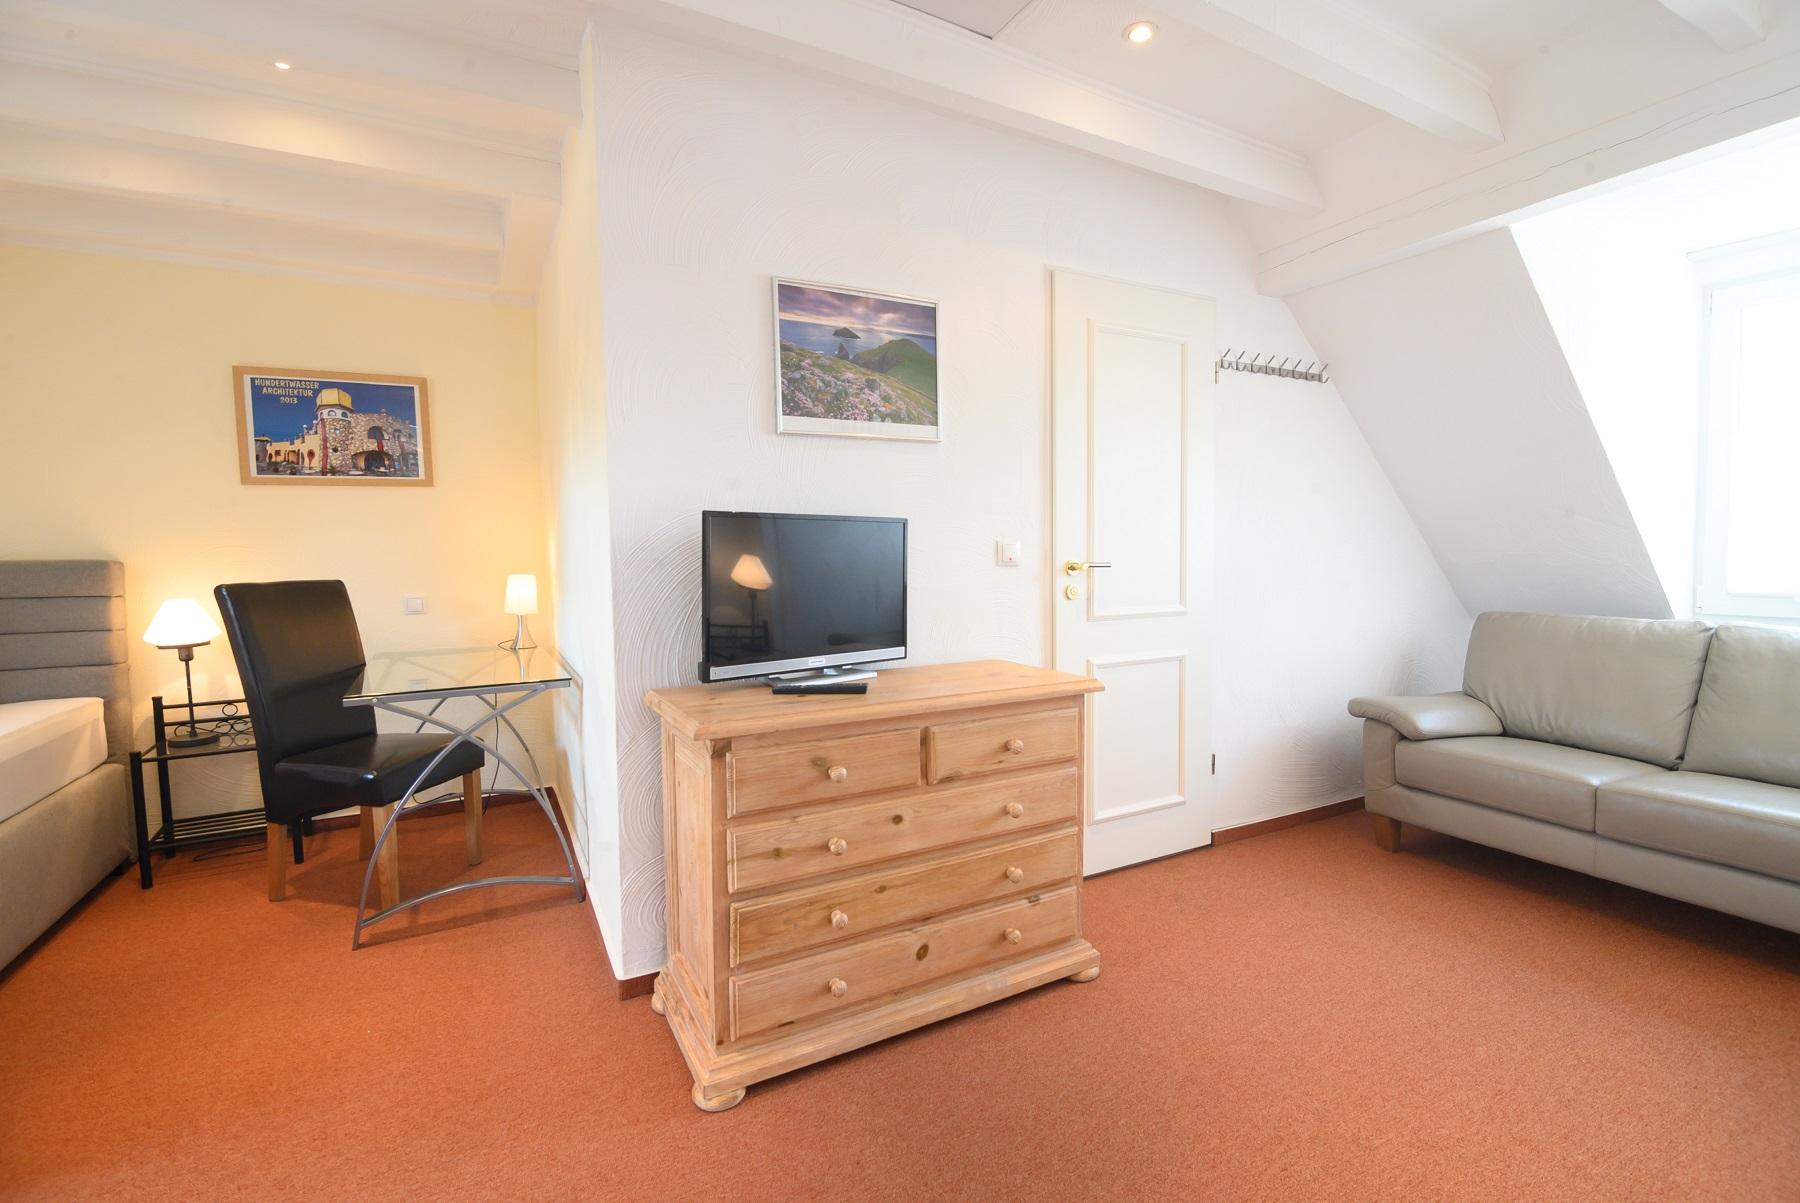 Boennsch Kwartier möblierte Apartmens Bonn